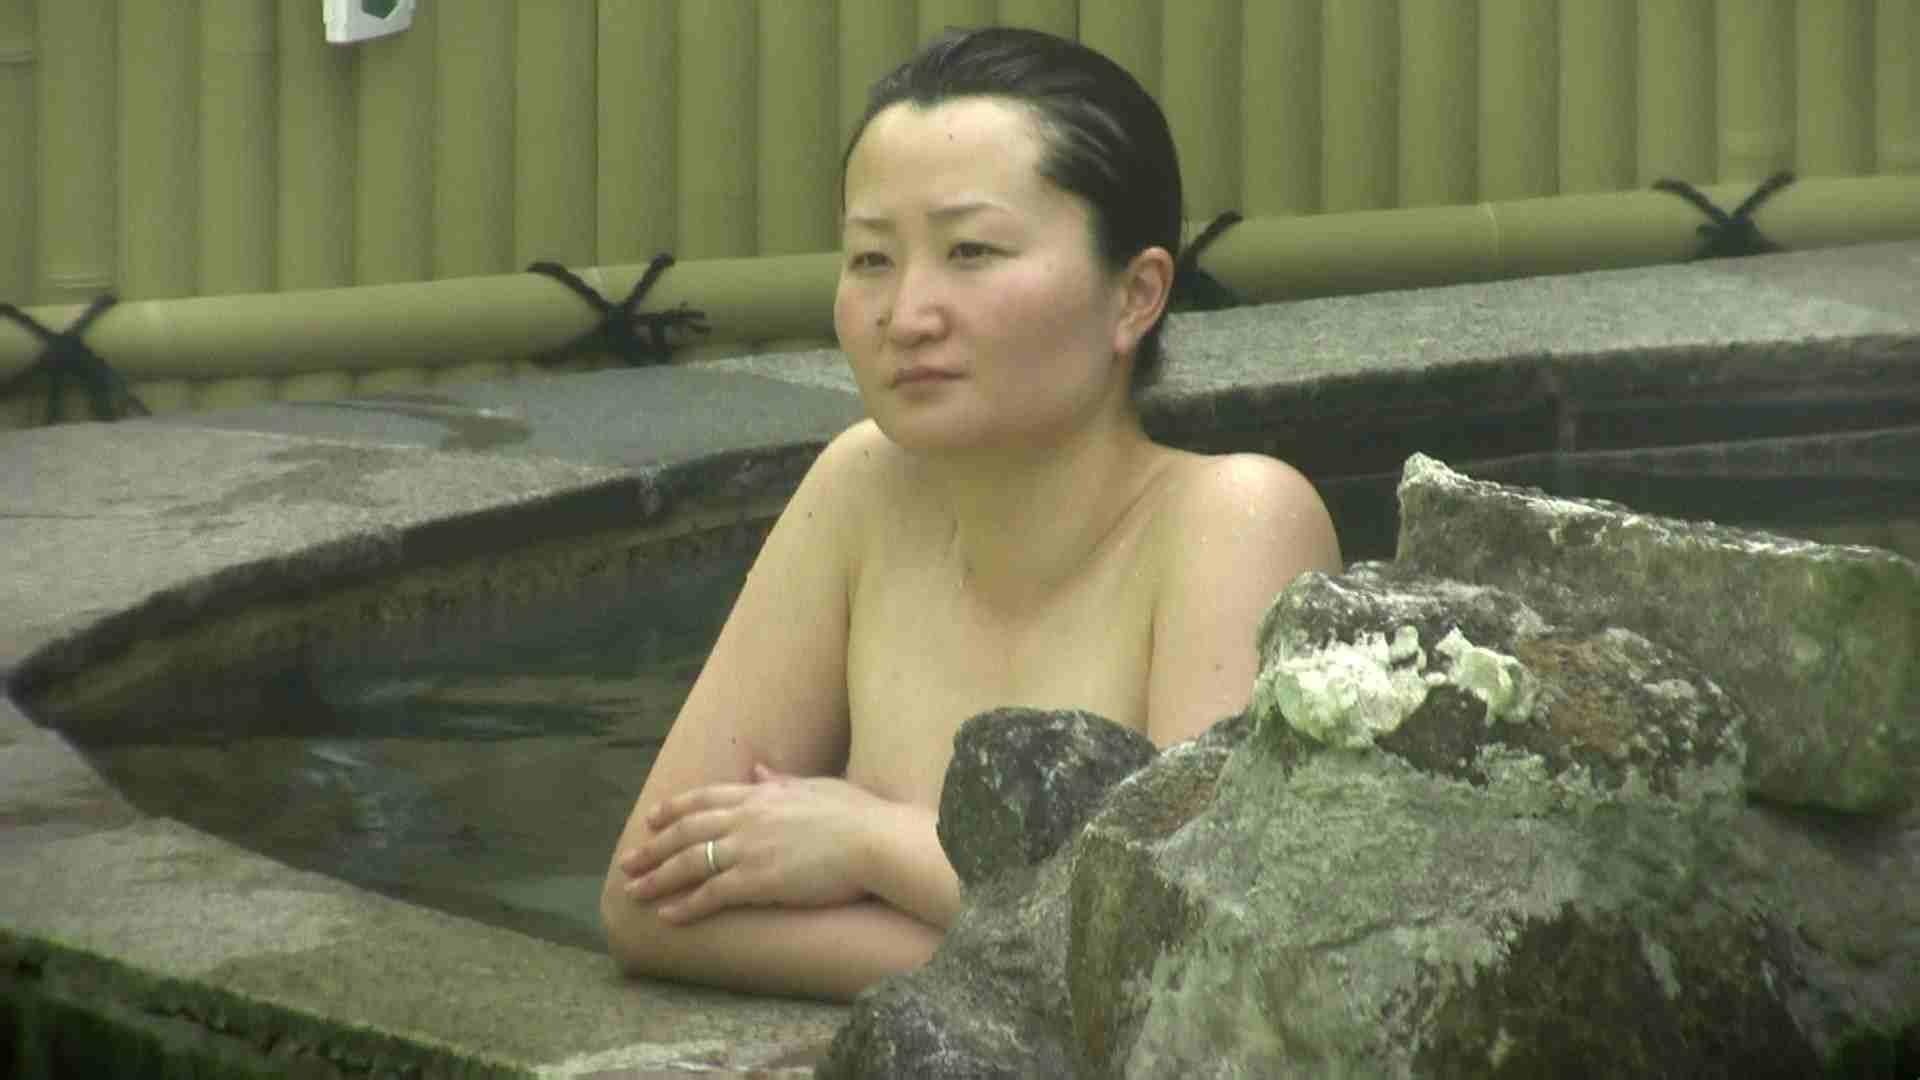 Aquaな露天風呂Vol.632 女体盗撮 | 露天  75連発 73